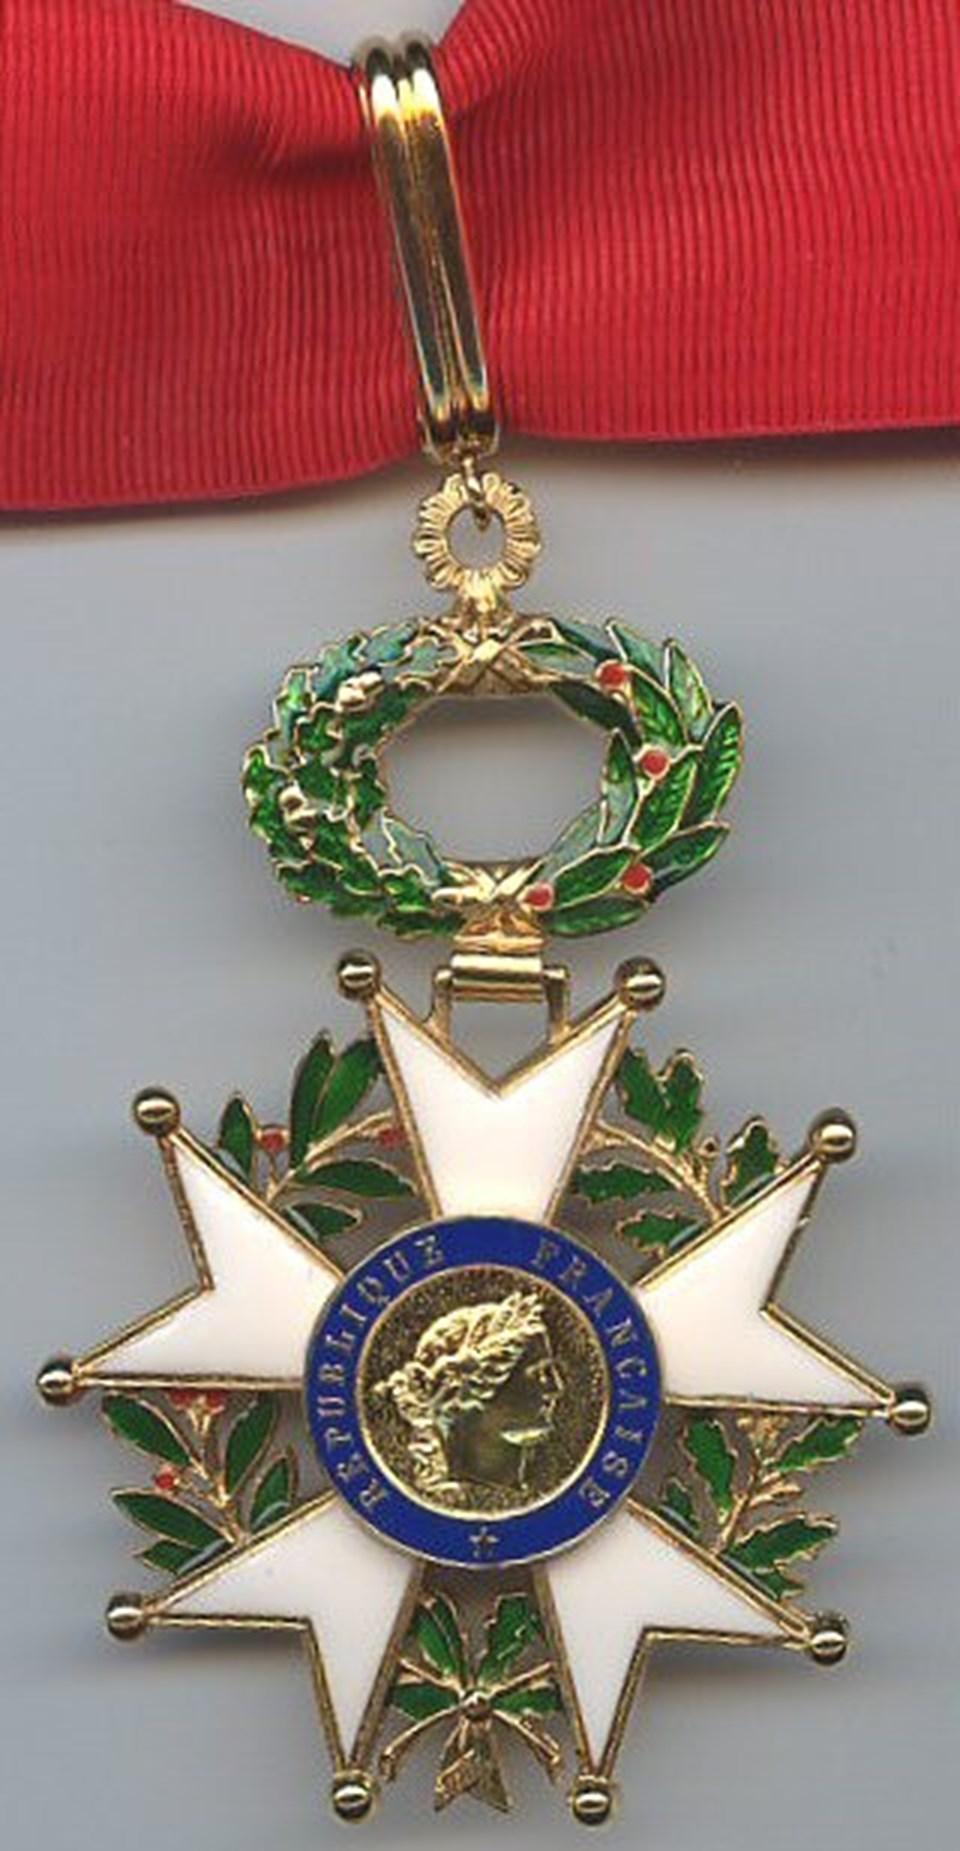 Napolyon Bonapart tarafından verilmeye başlananFransa'nın en yüksek dereceli sivil nişanı ''Legion d'Honneur'' (Onur Nişanı).